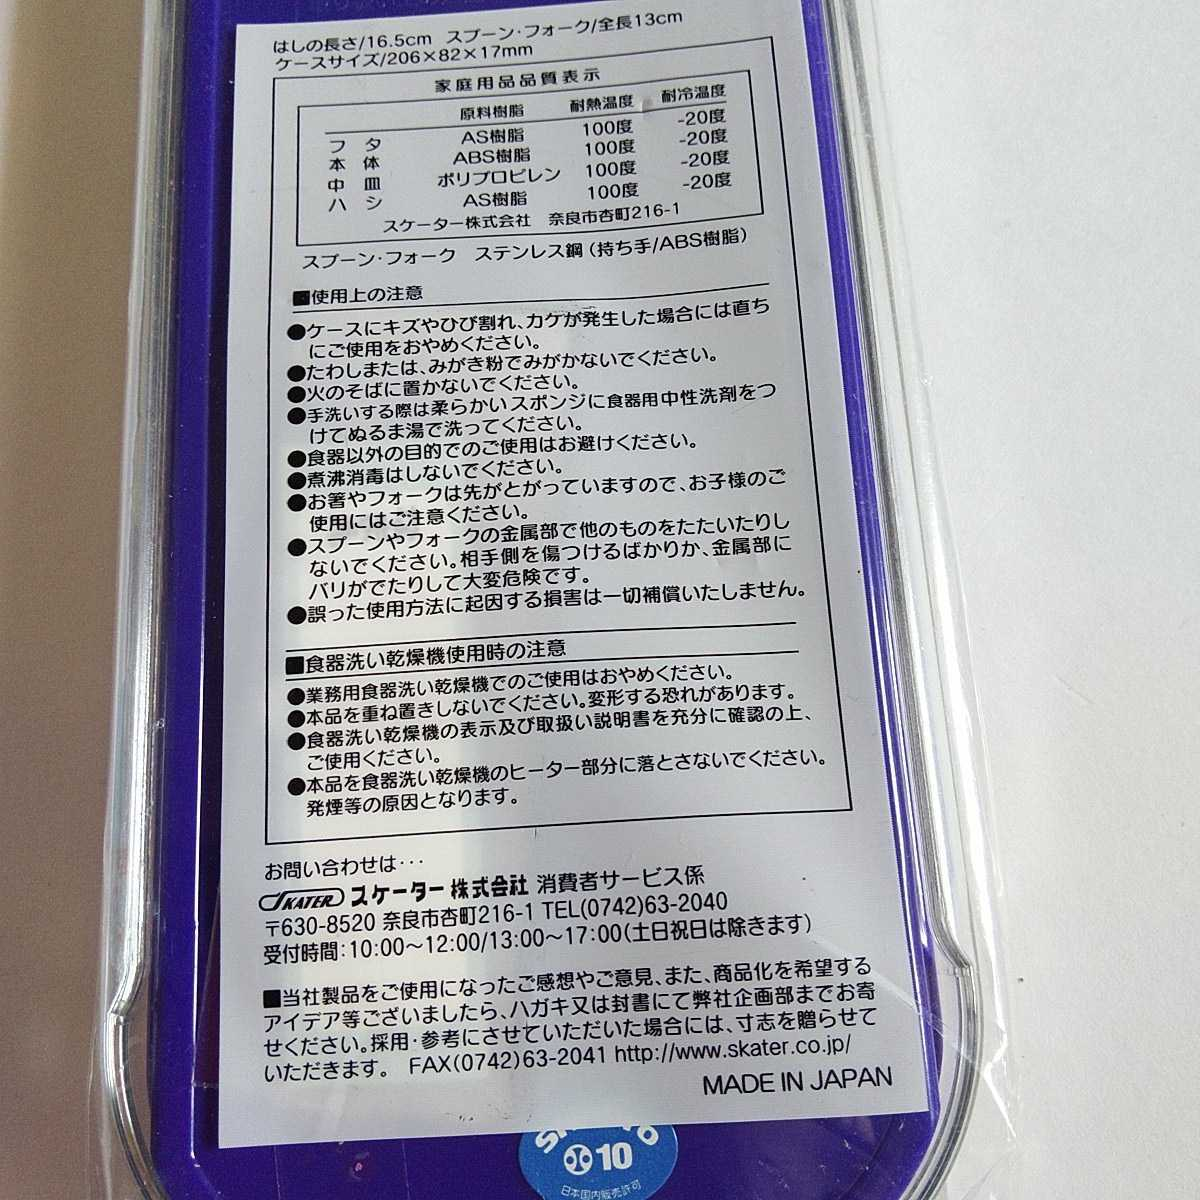 スライド式 トリオセット ポケモン 日本製 ポケットモンスター 食洗機対応 カトラリー クーポン ポイント消化 送料無料 匿名配送_画像5